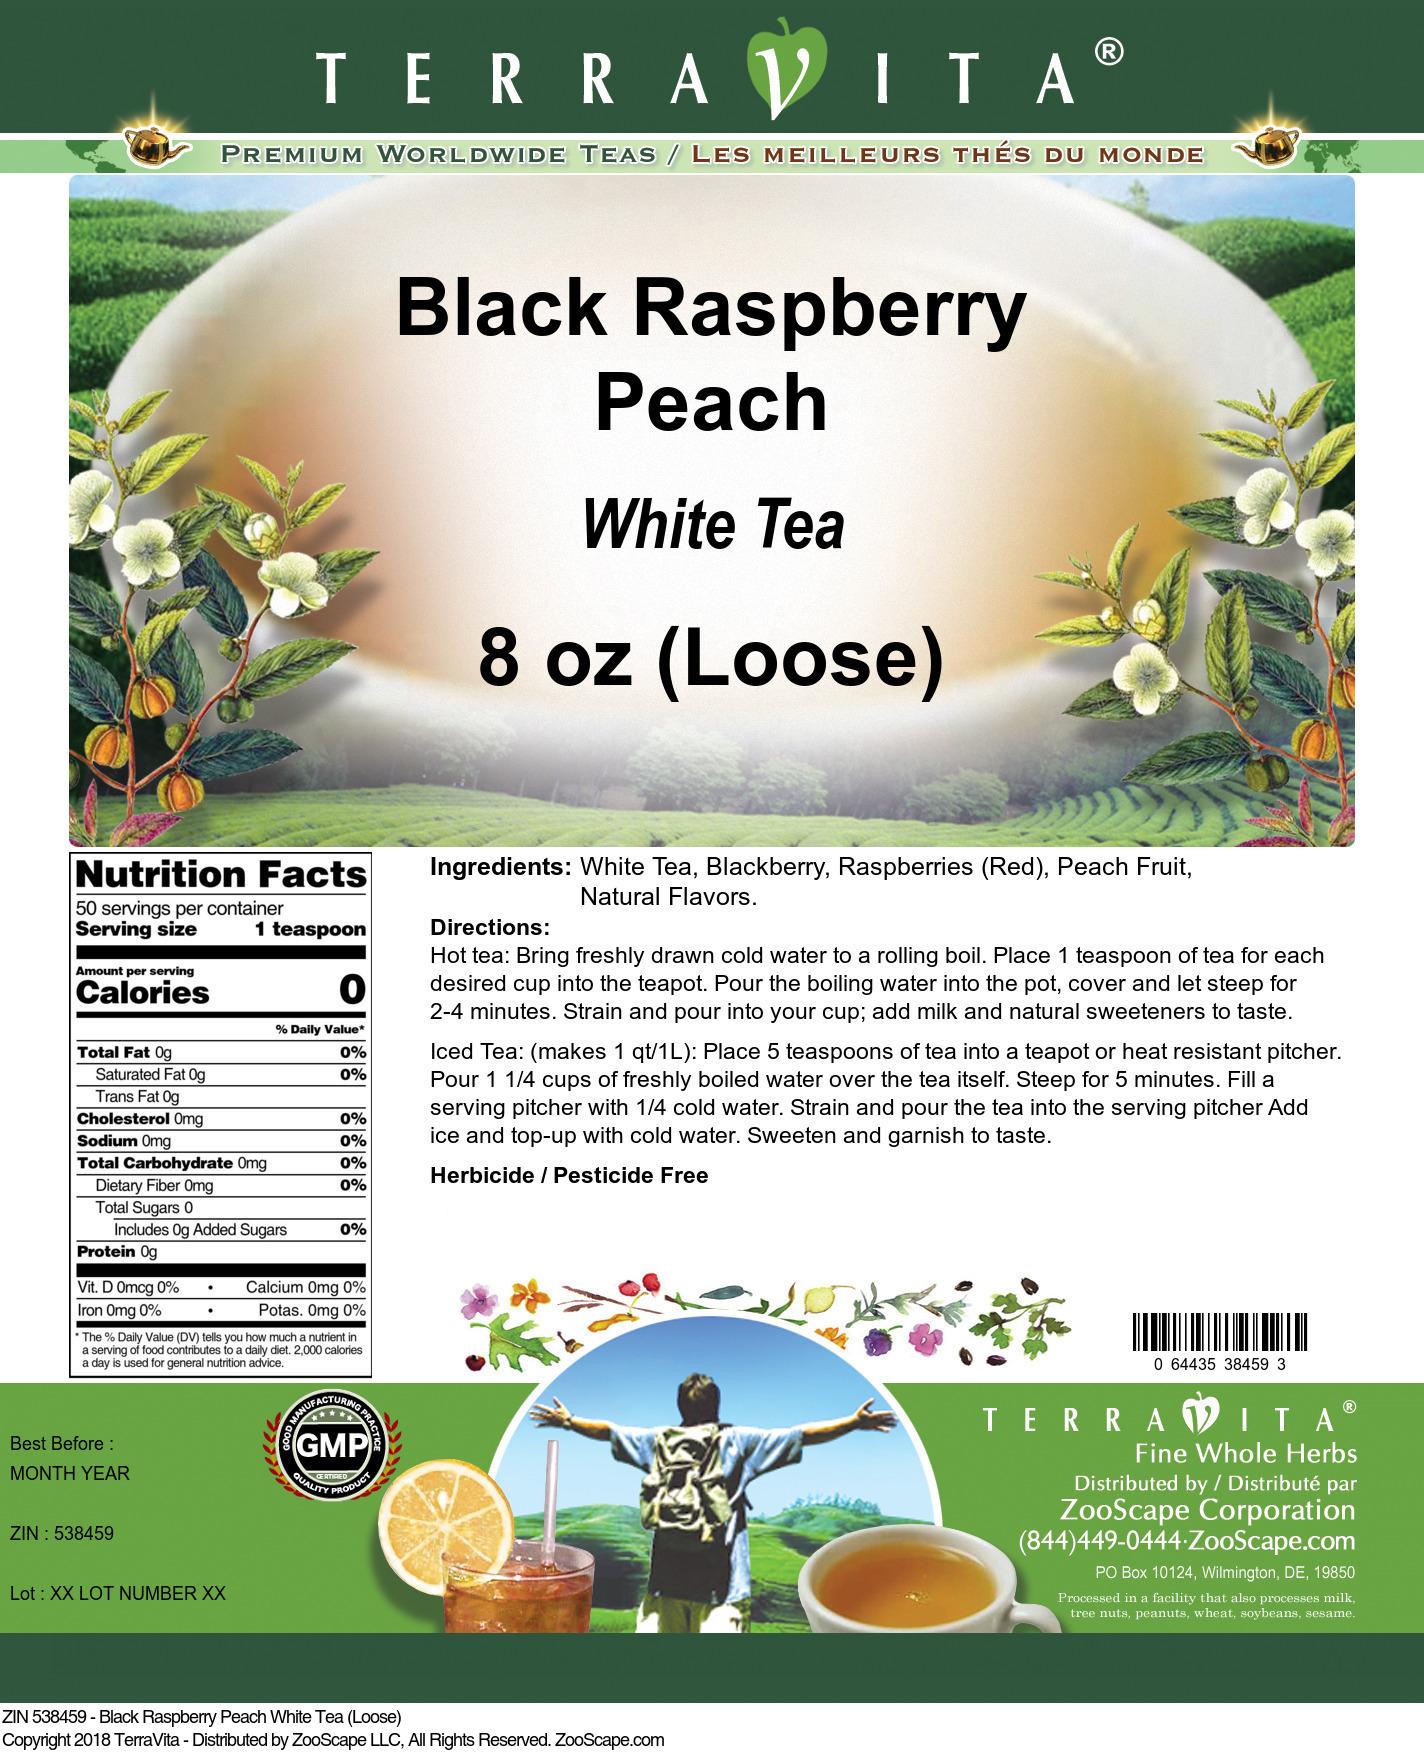 Black Raspberry Peach White Tea